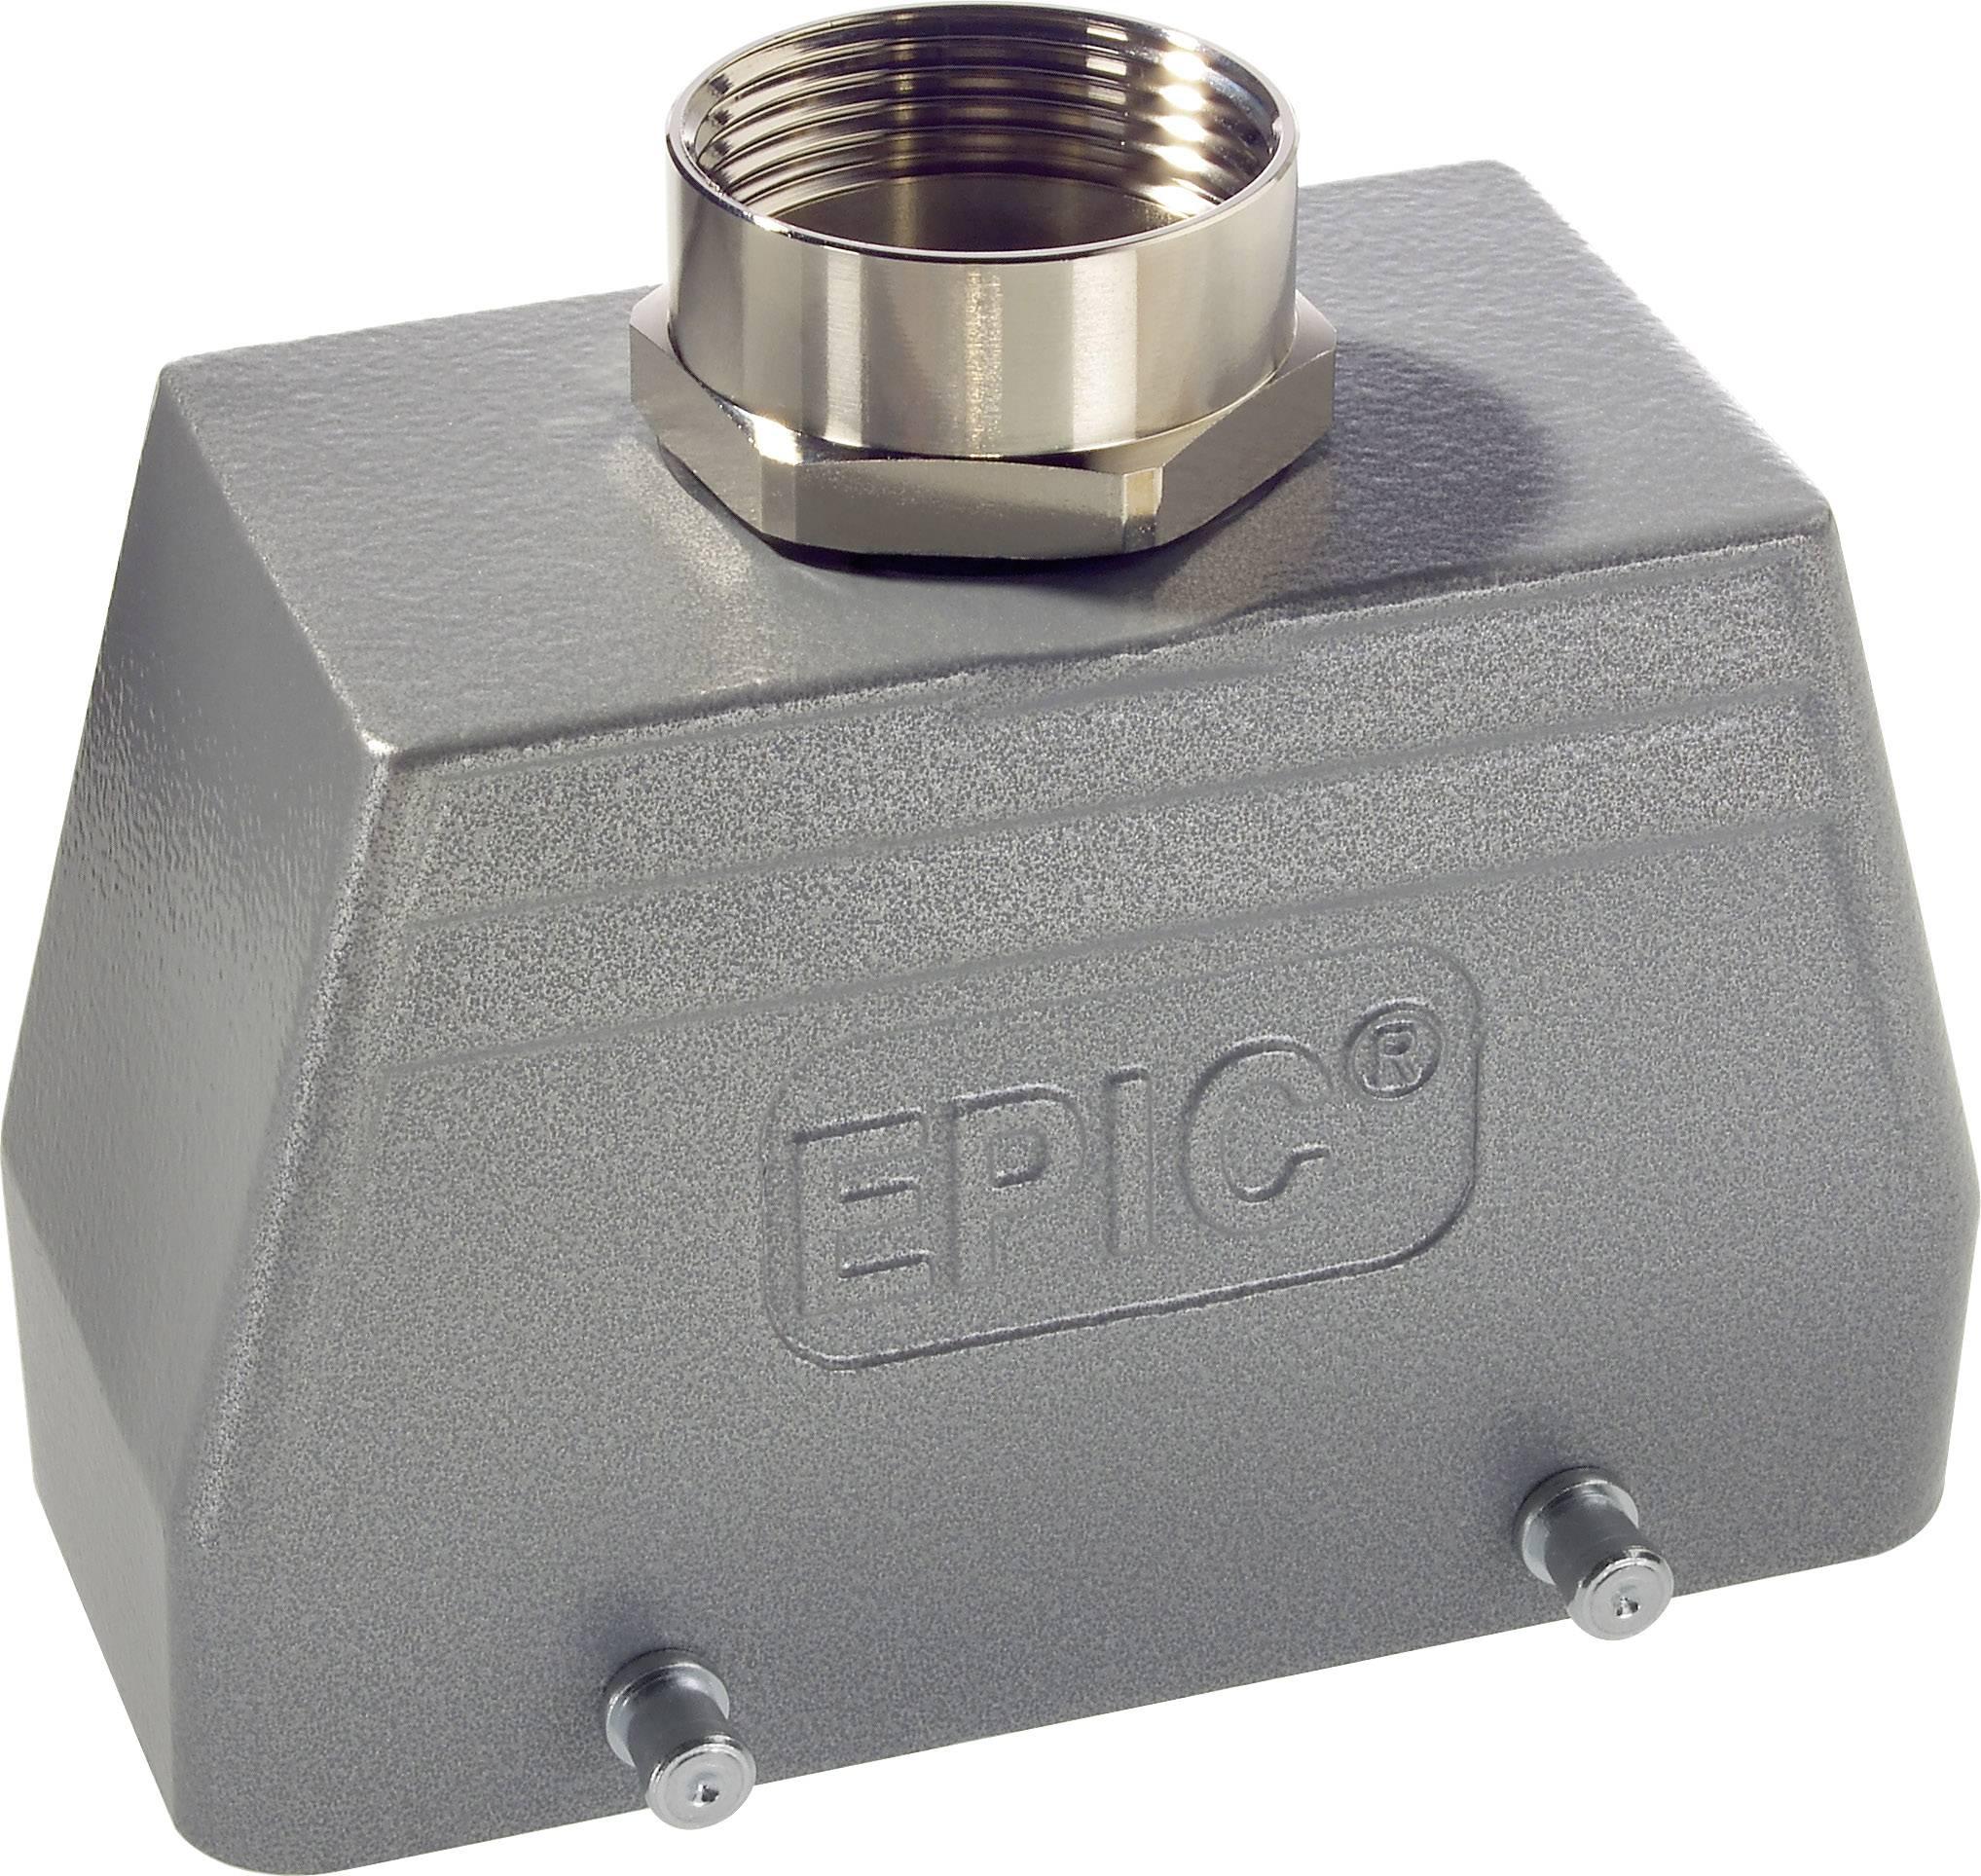 Pouzdro LappKabel EPIC H-B 10 TG 21 ZW 10040100 10 ks